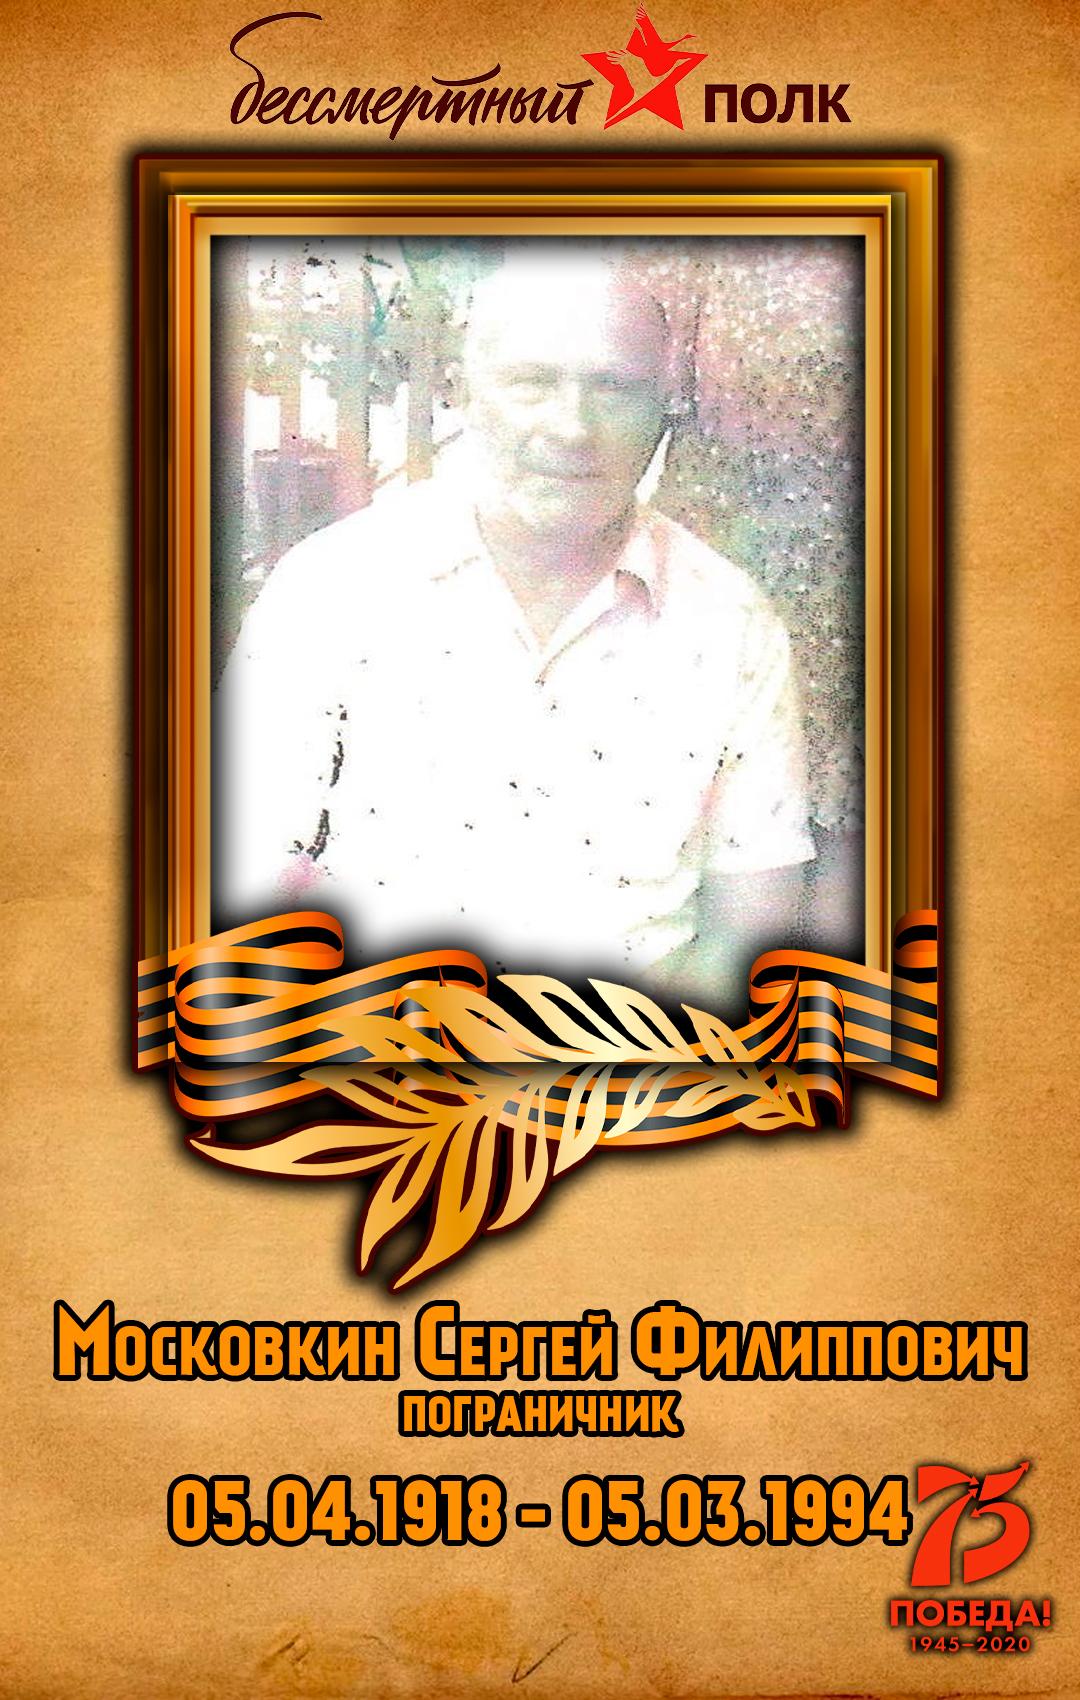 Московкин-Сергей-Филиппович